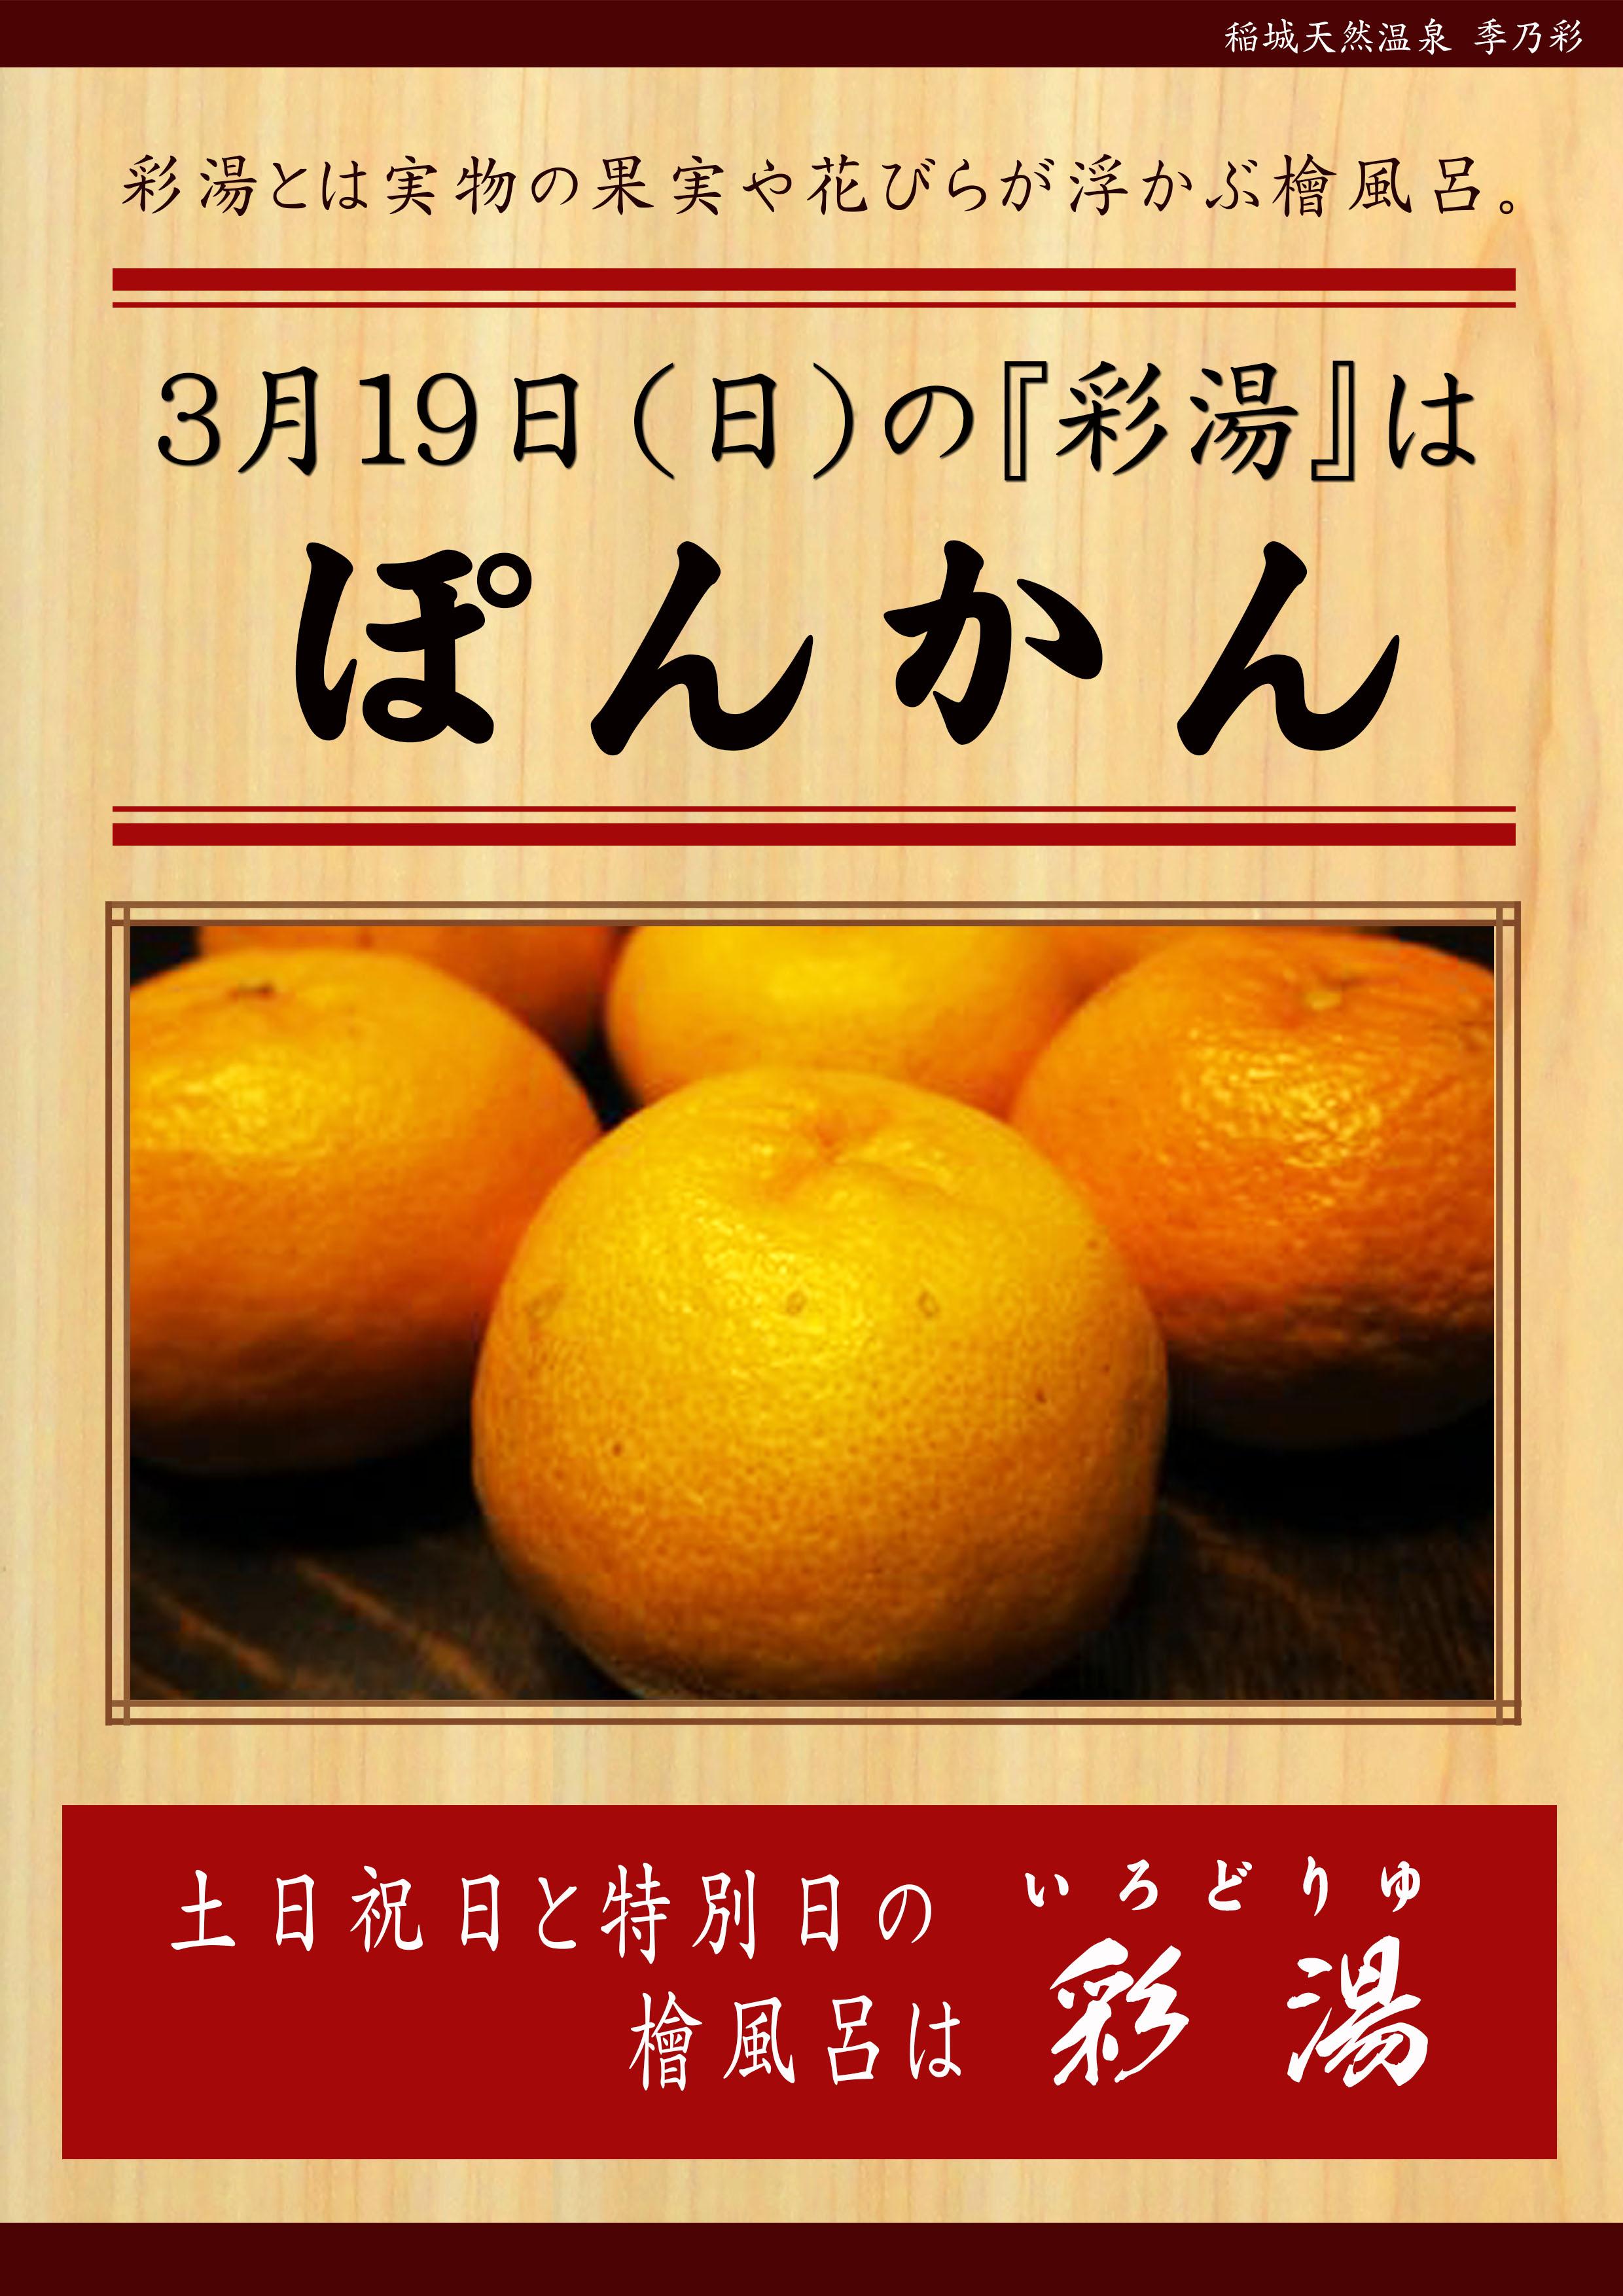 20170319POP イベント 彩湯 ぽんかん